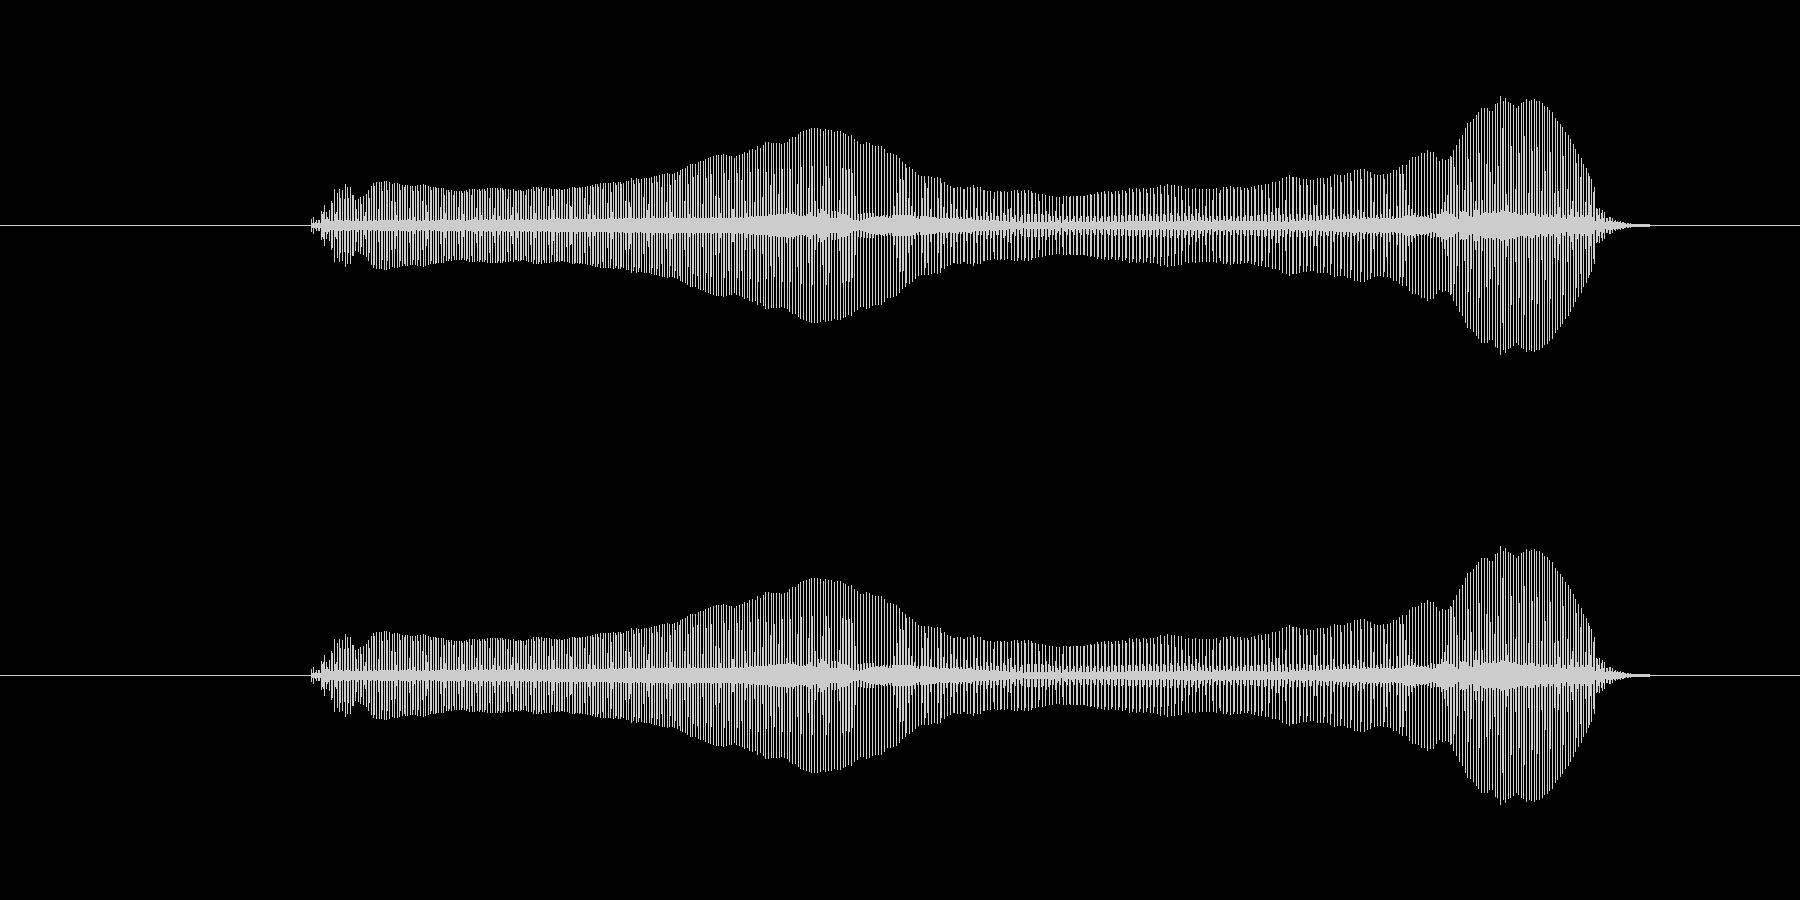 トロンボーンあるあるフレーズBPM120の未再生の波形